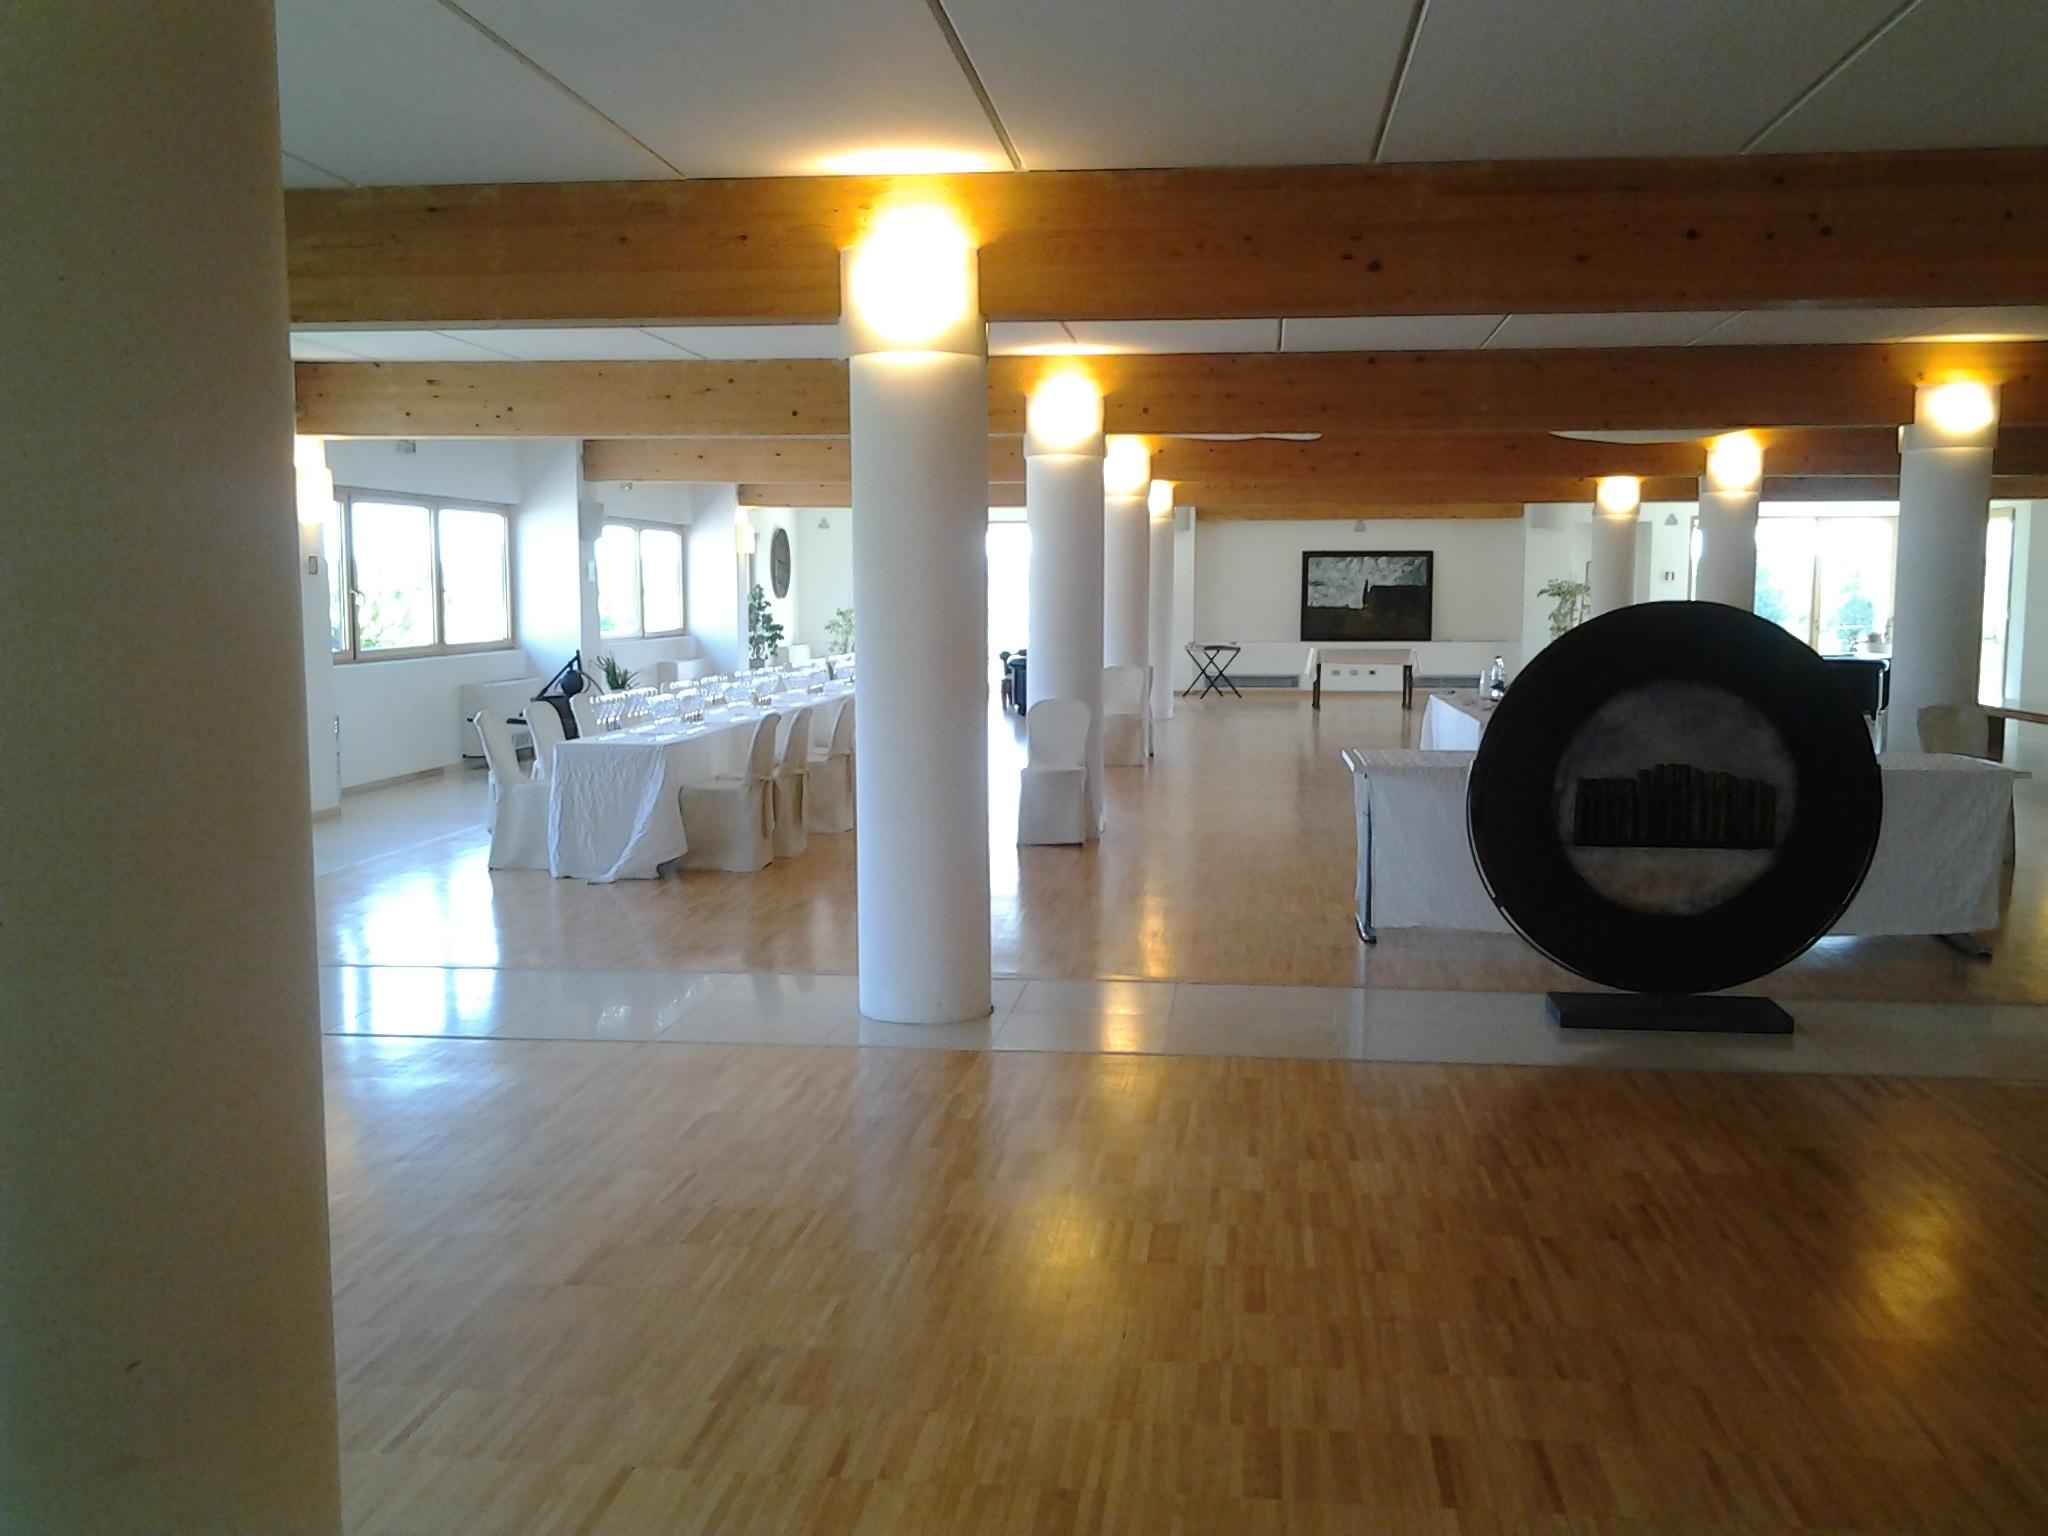 무료 이미지 : 구조, 목재, 포도주, 천장, 재산, 거실, 방, 조명 ...